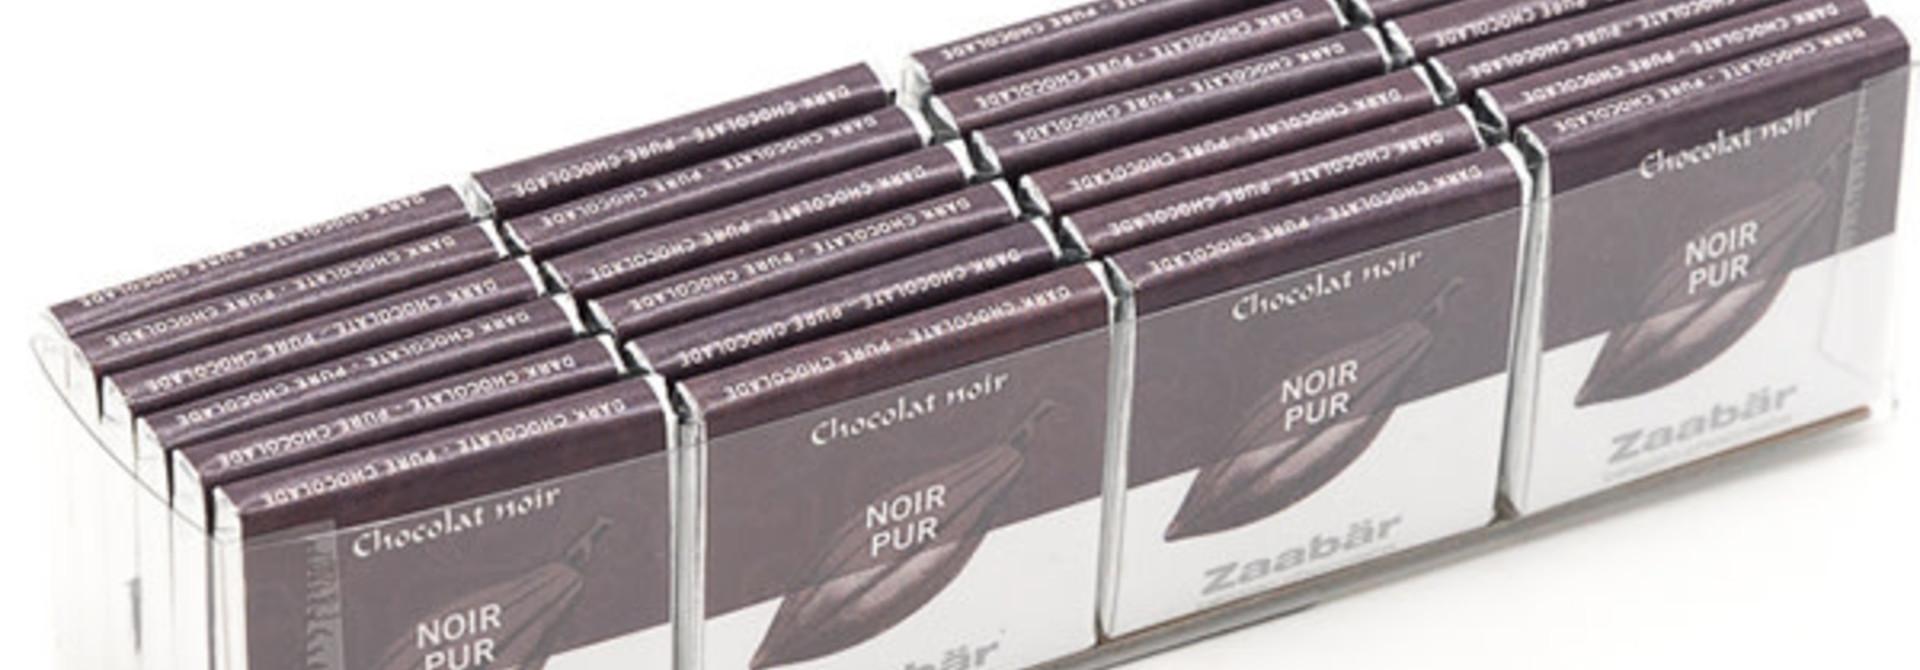 Noir pur 24 pieces